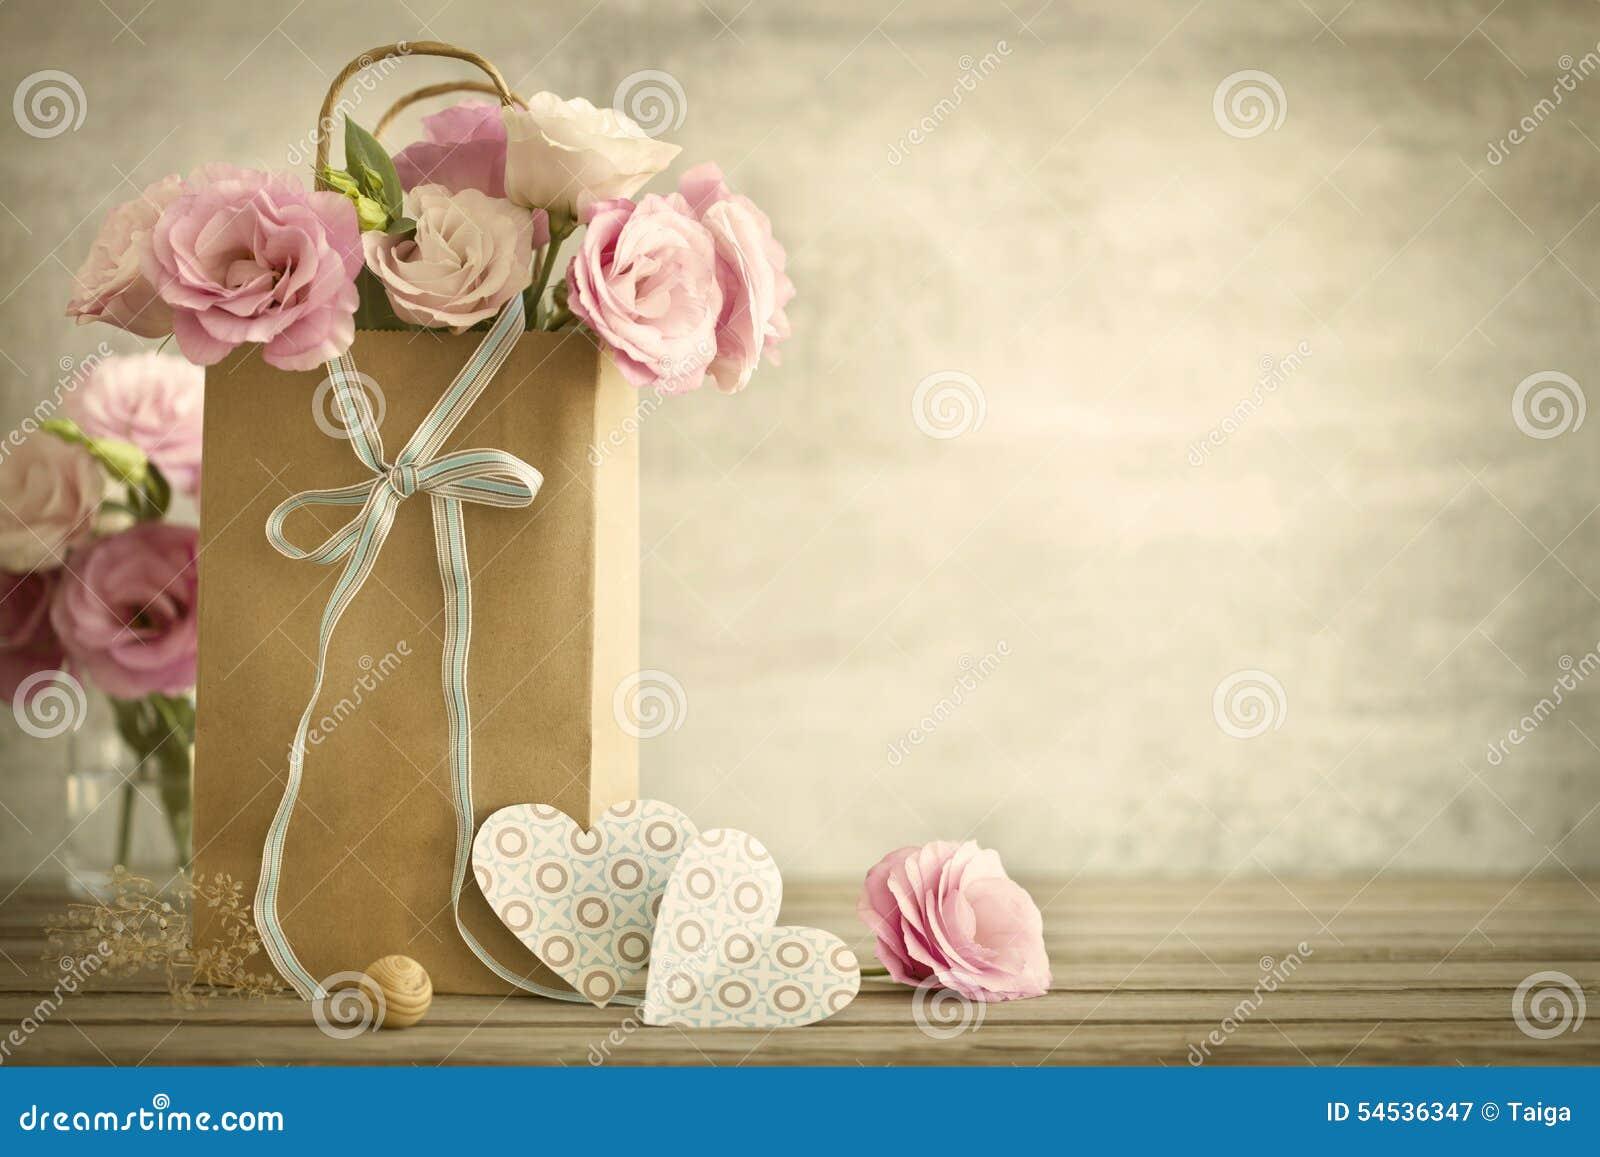 5fd690597b5c Fondo De La Boda Con Las Flores Y Los Corazones - Styl De Las Rosas ...